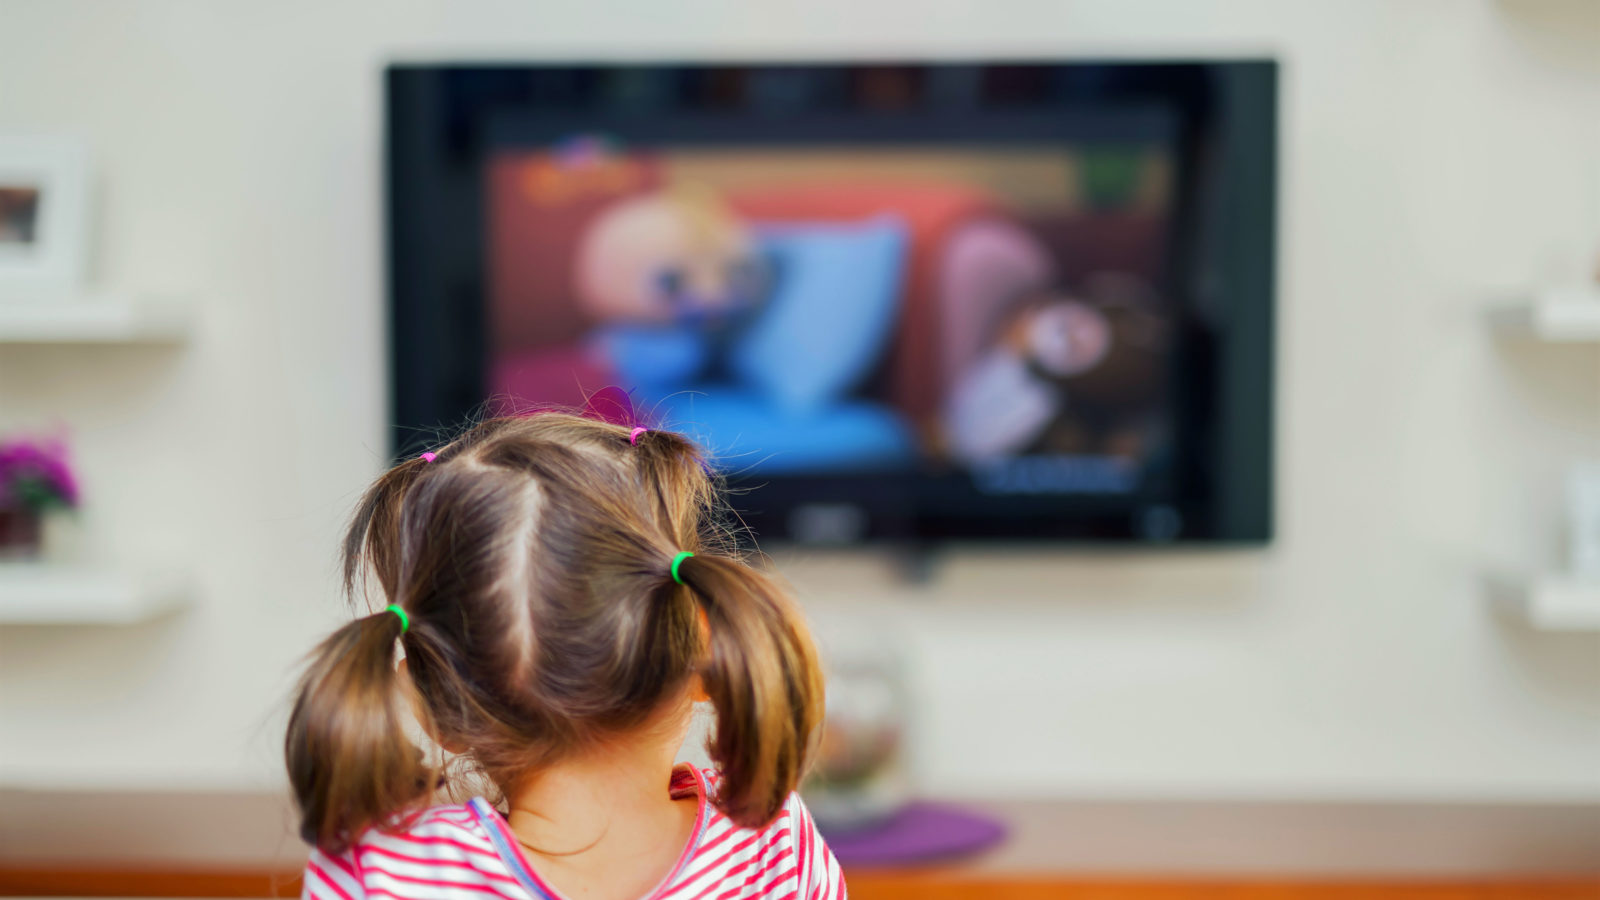 A little girl facing a TV showing a children's program